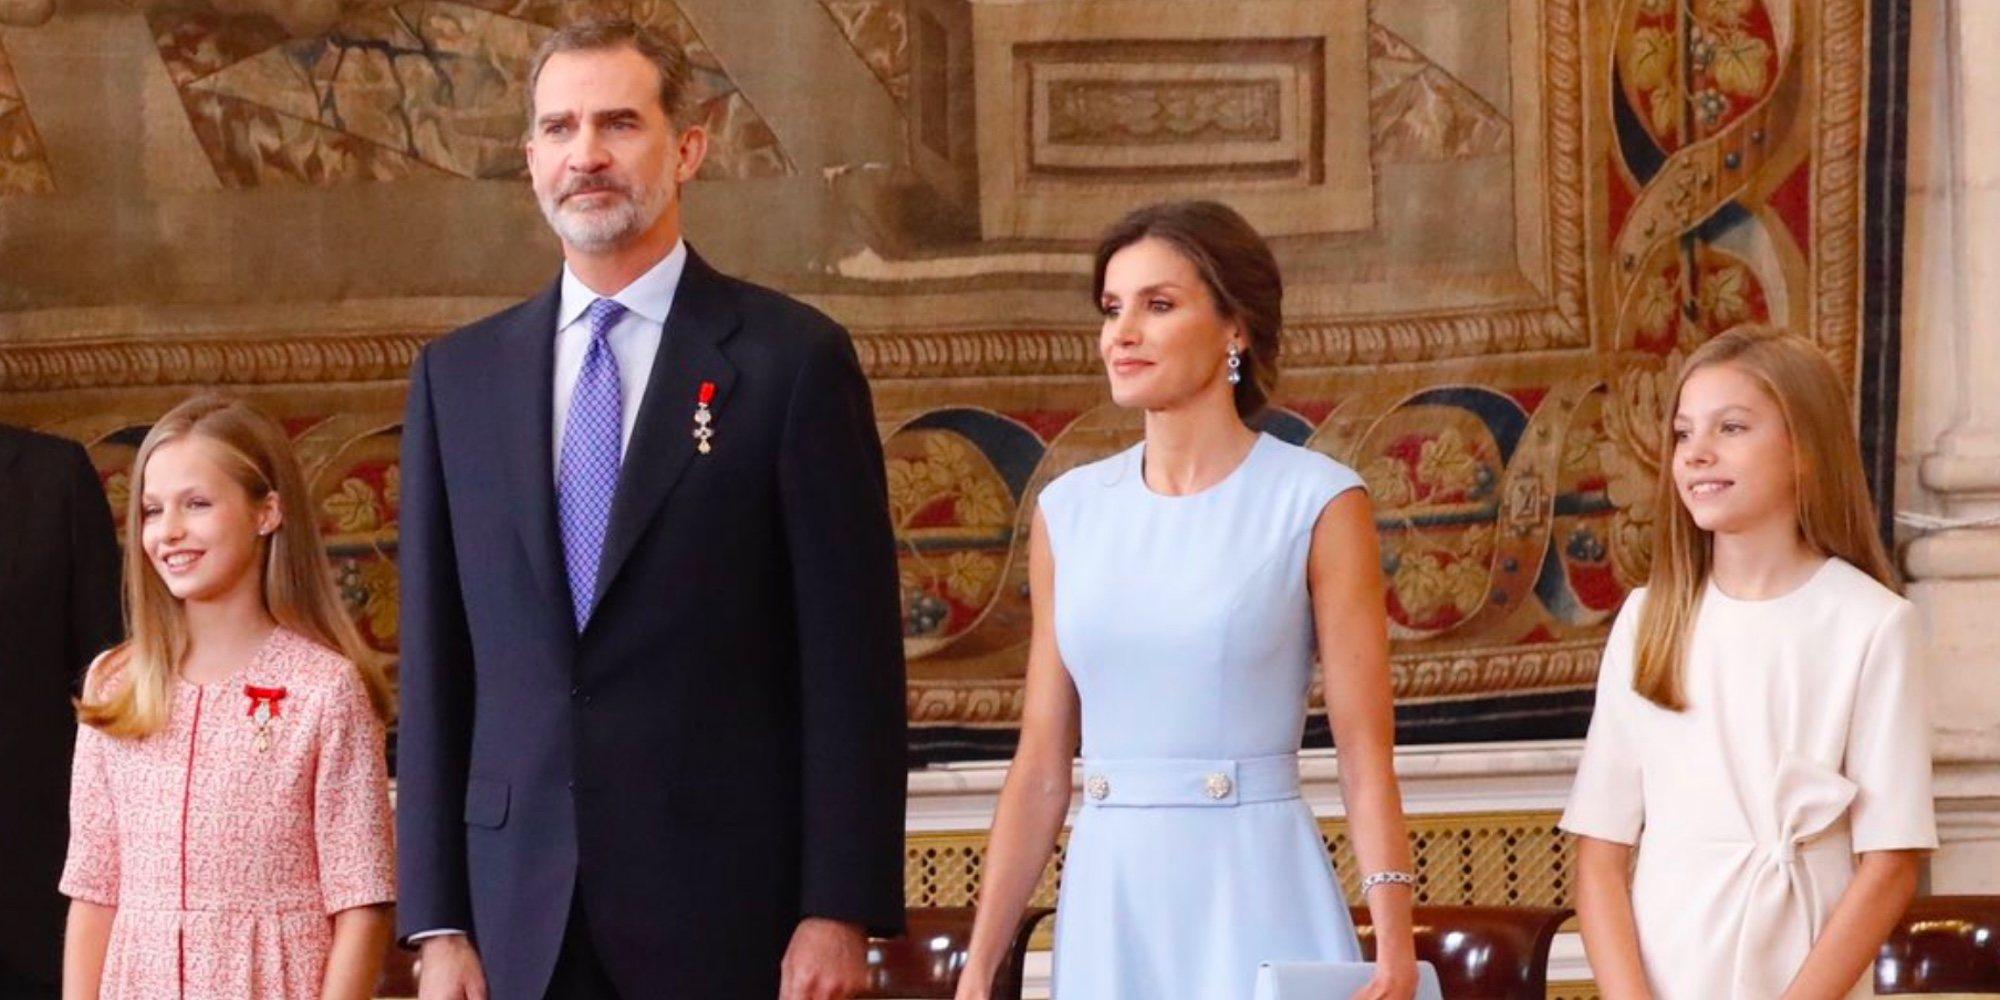 El bonito gesto de la Princesa Leonor y la Infanta Sofía con una anciana en el 5 aniversario del reinado de Felipe VI